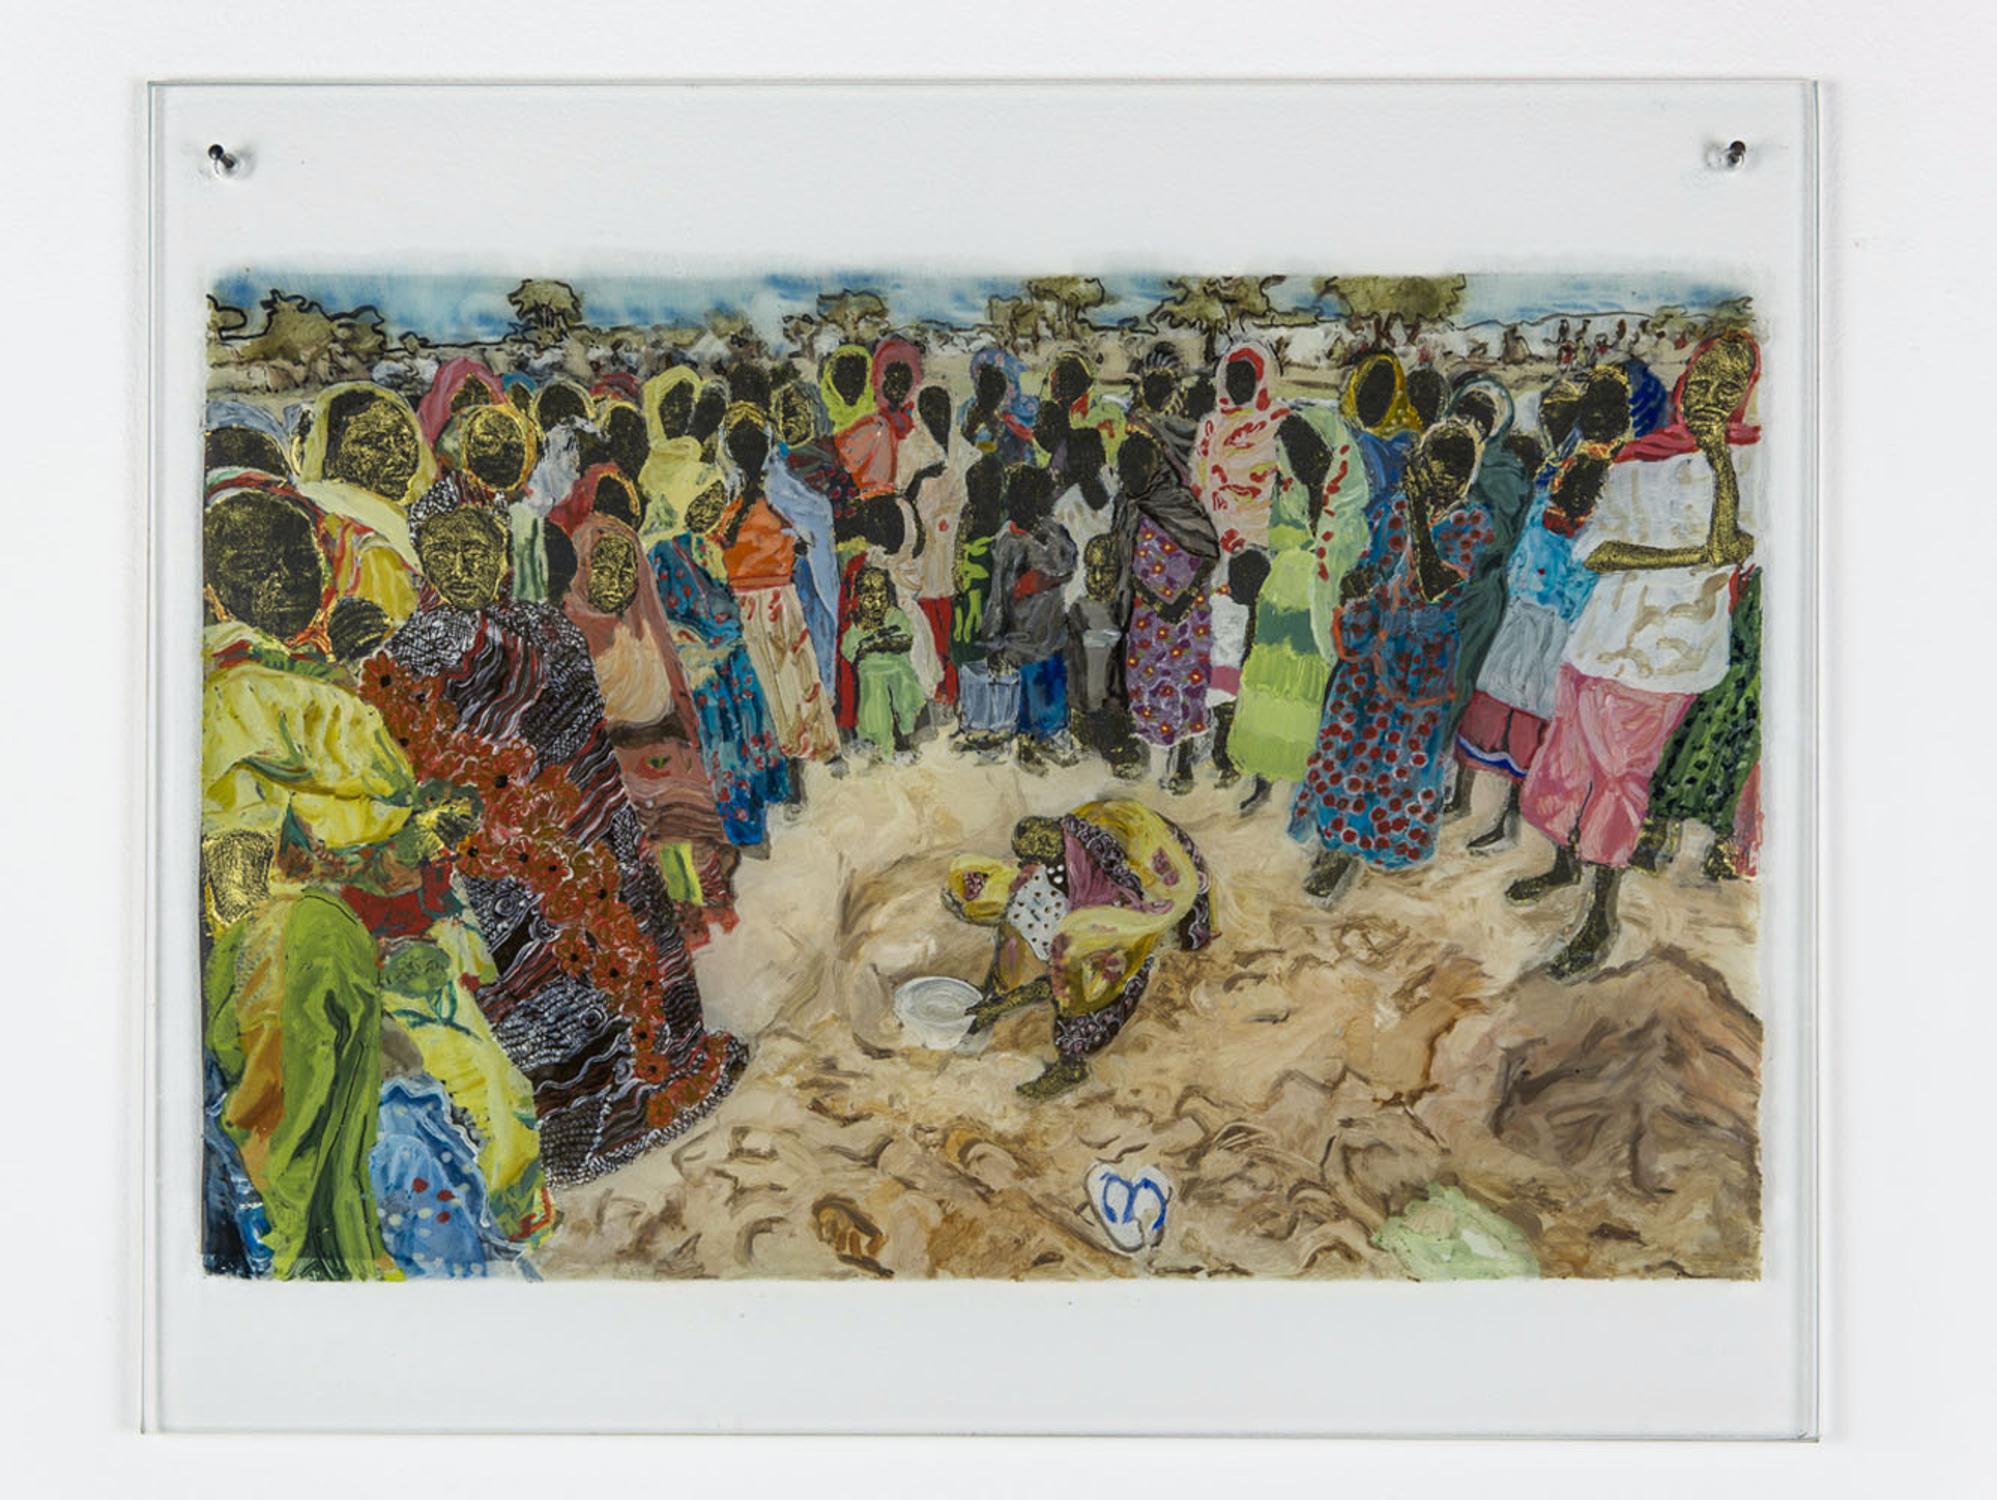 Kathrina Rudolph Hinterglasmalerei Afrika 714